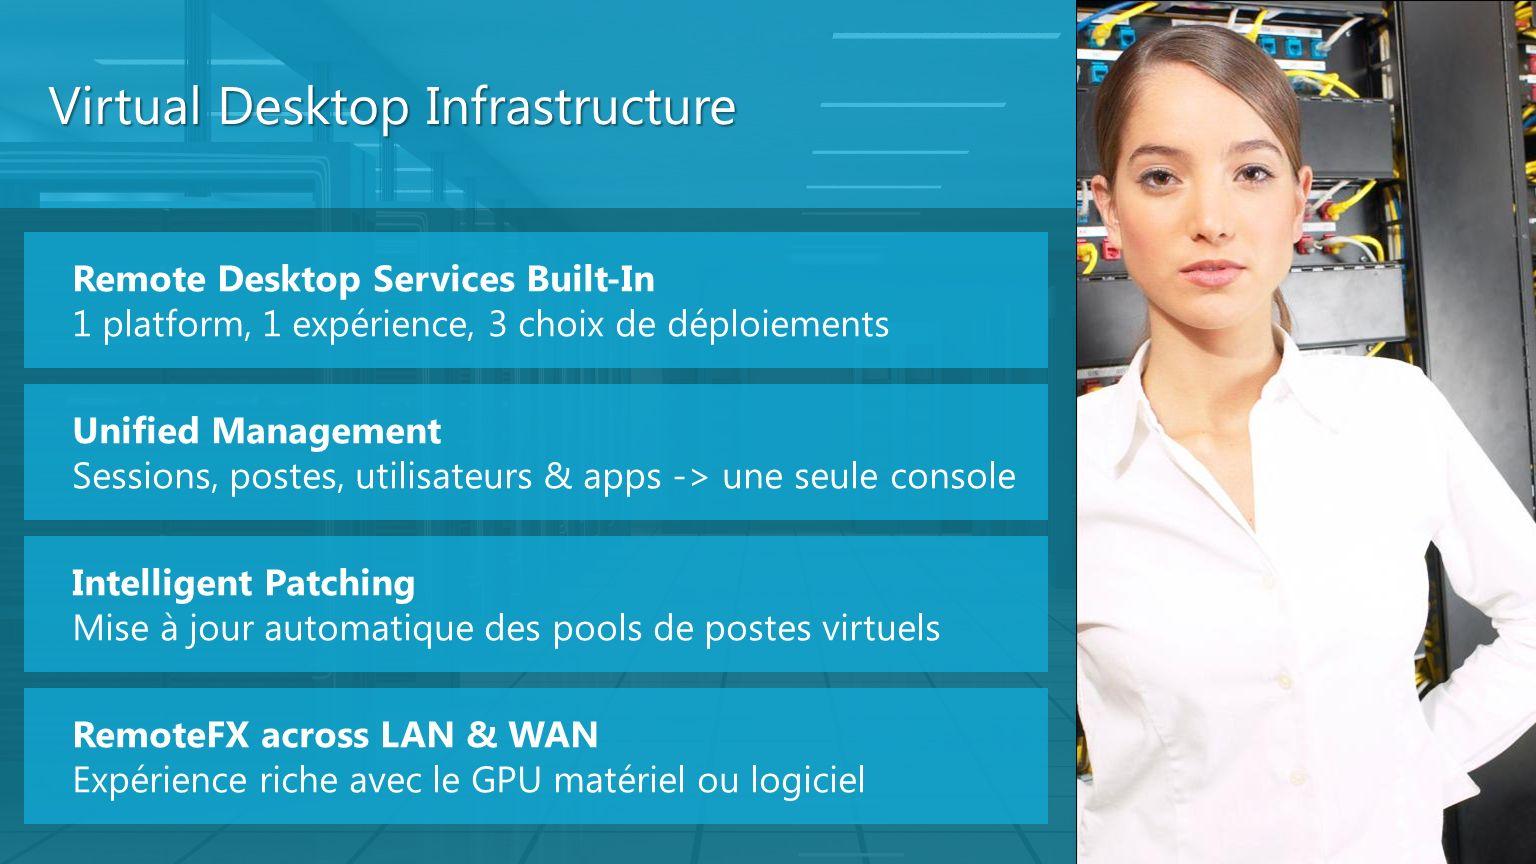 Virtual Desktop Infrastructure Remote Desktop Services Built-In 1 platform, 1 expérience, 3 choix de déploiements Unified Management Sessions, postes,